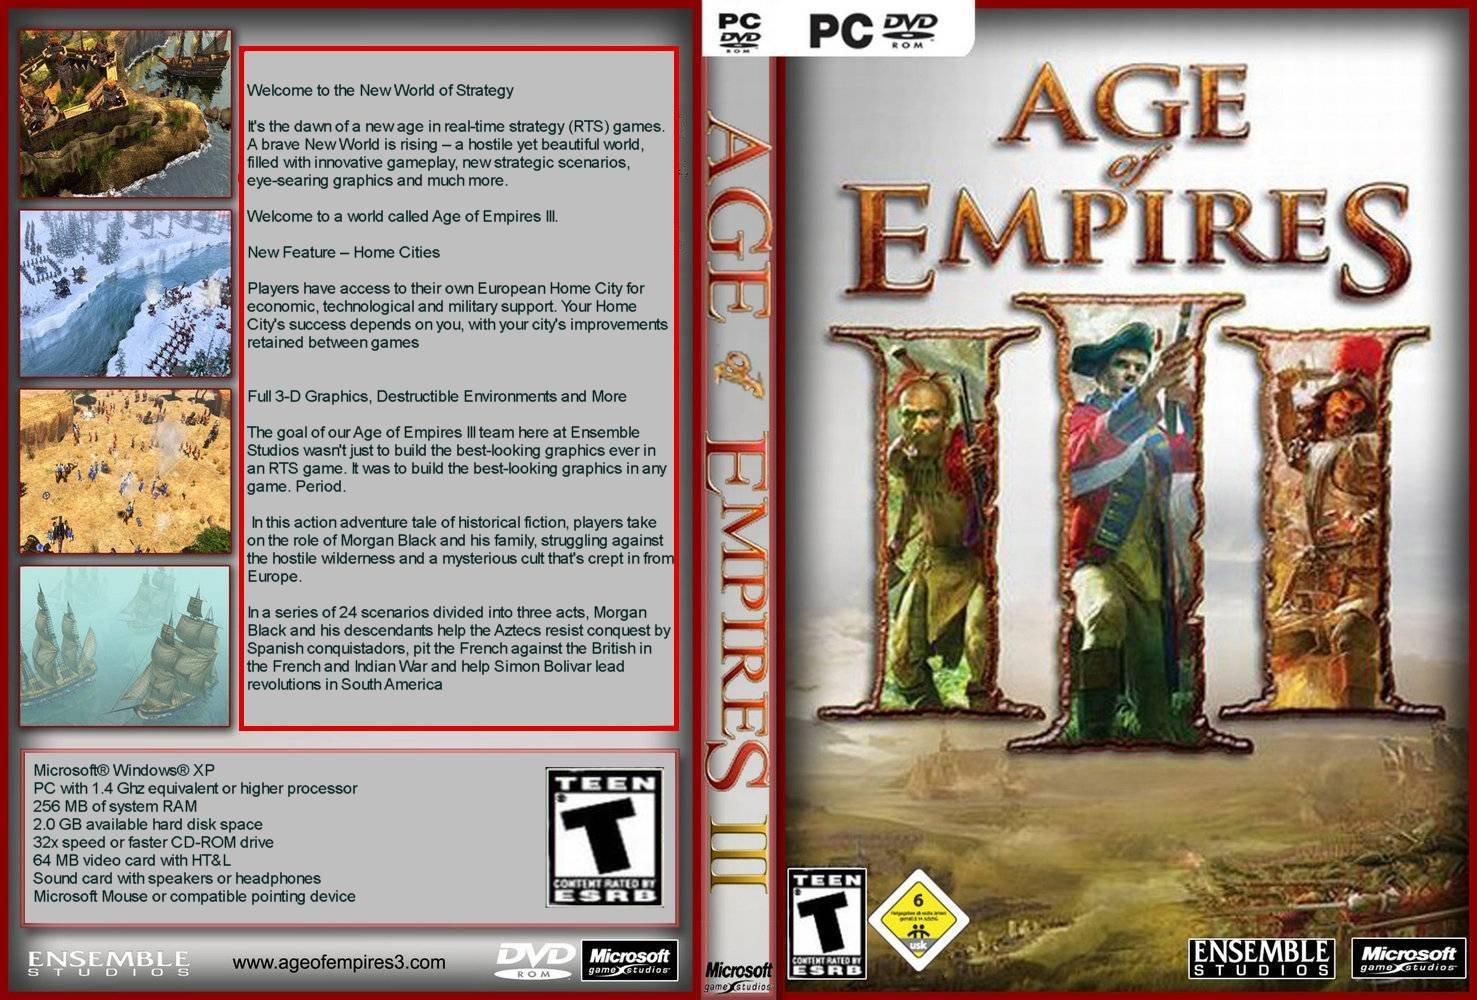 http://4.bp.blogspot.com/-braSsyixi04/TjVyGe0BaLI/AAAAAAAABmw/3Ij7PExHtmc/s1600/Age_Of_Empires_III.jpg